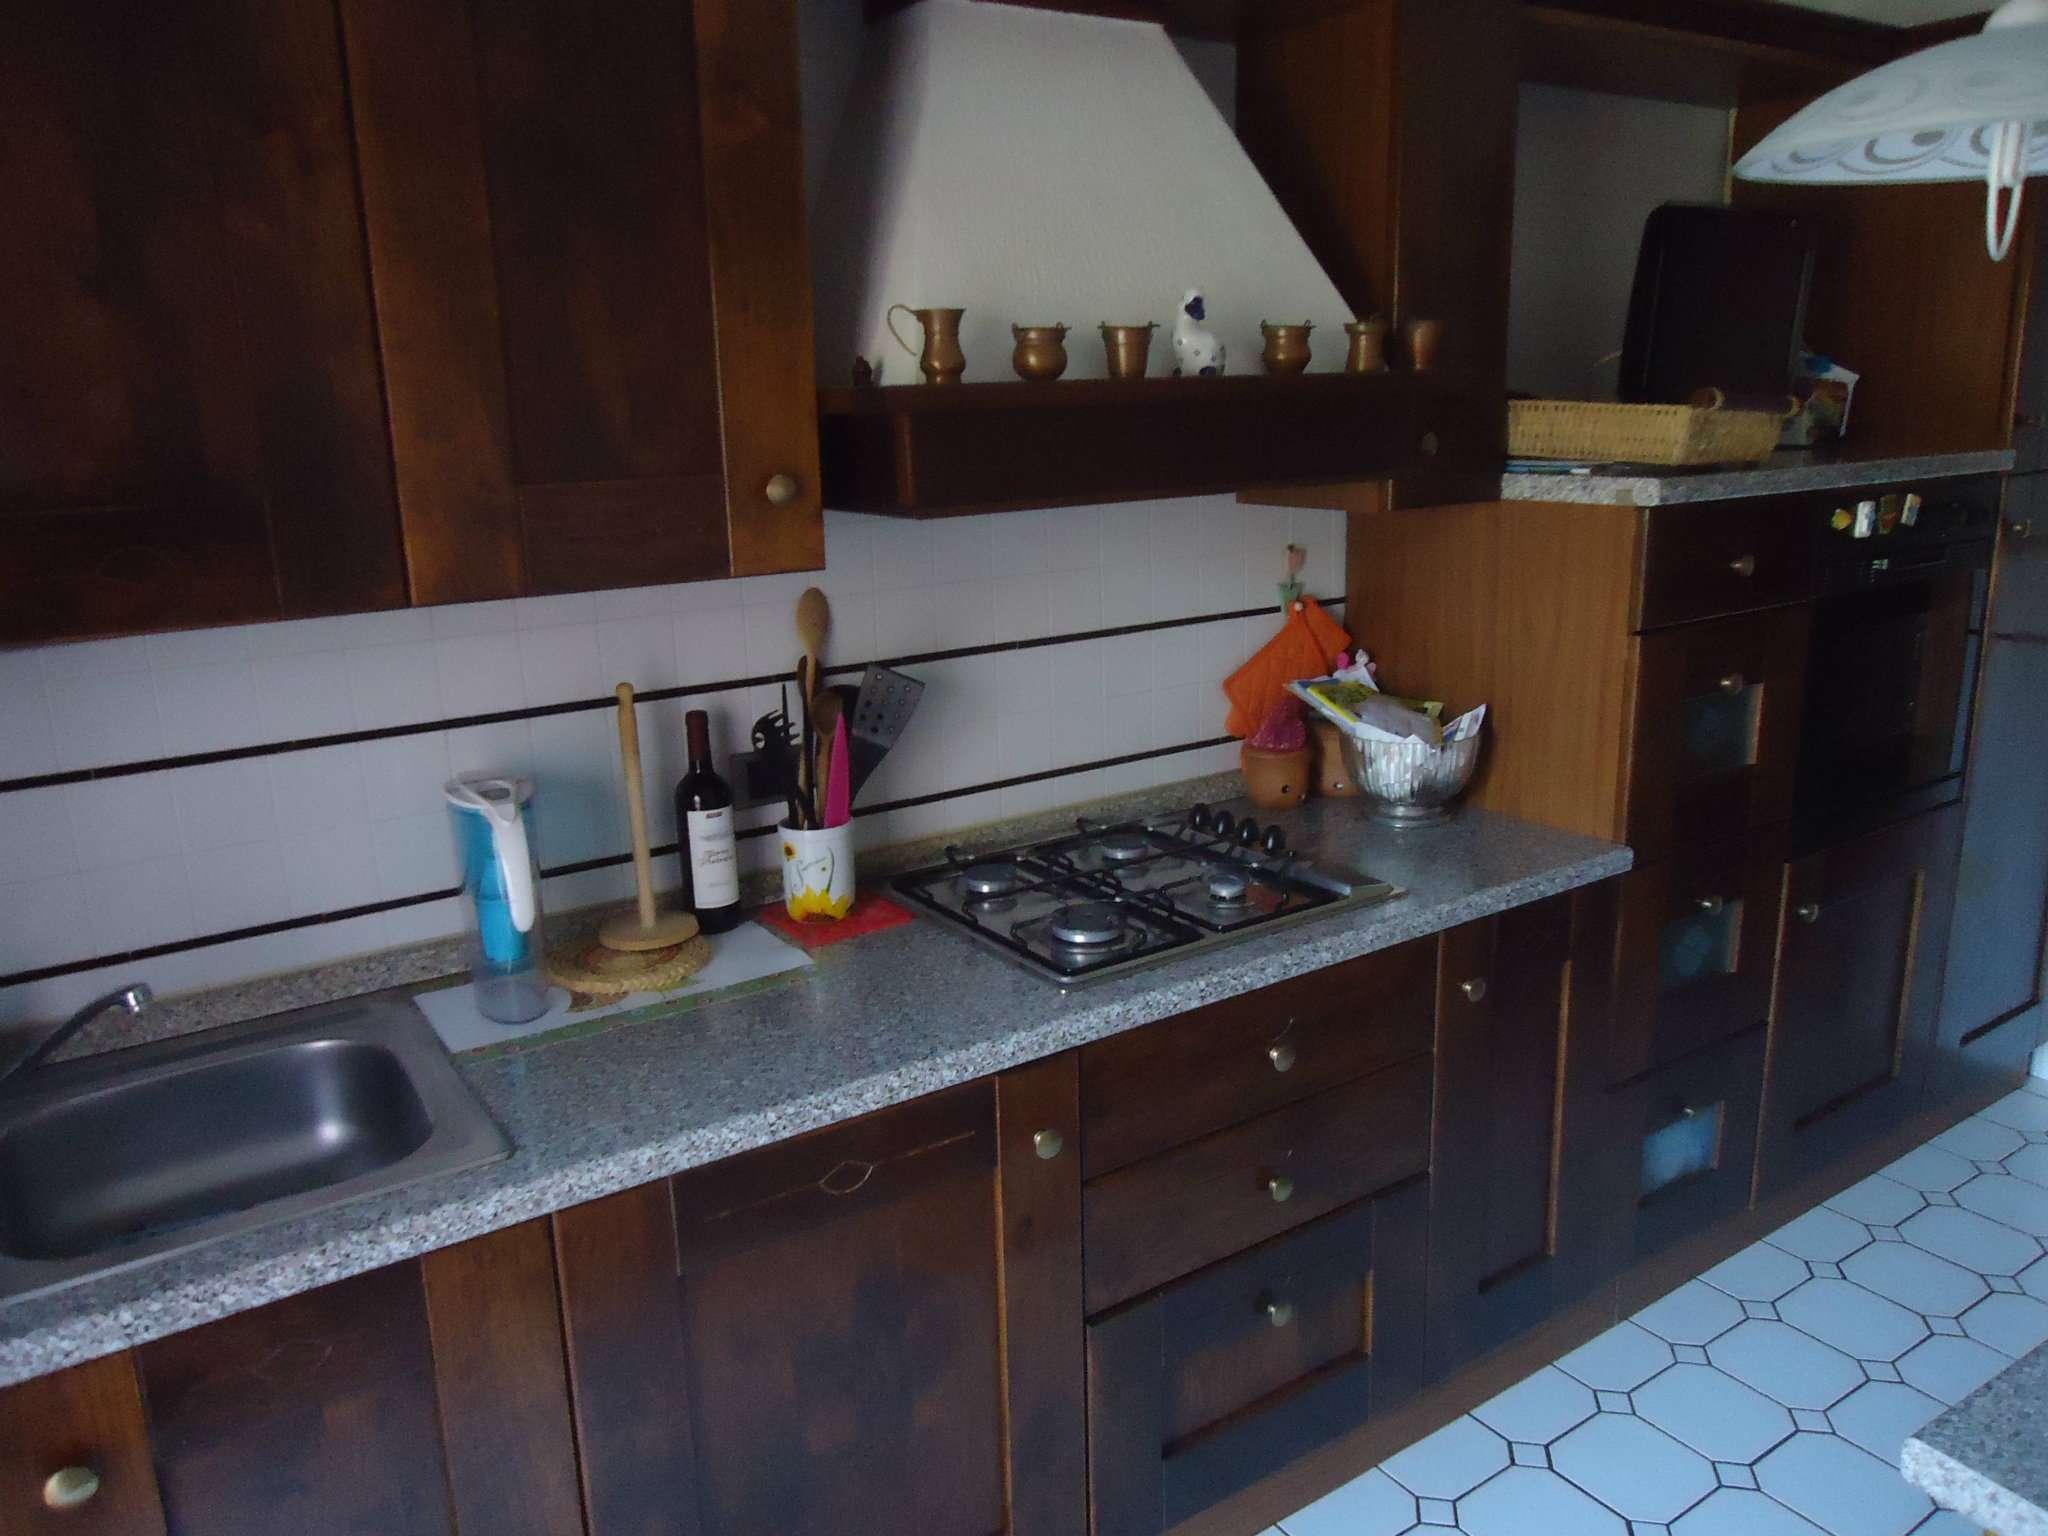 Annunci immobiliari agenzia agenzia immobiliare san for Piani di appartamento garage due camere da letto